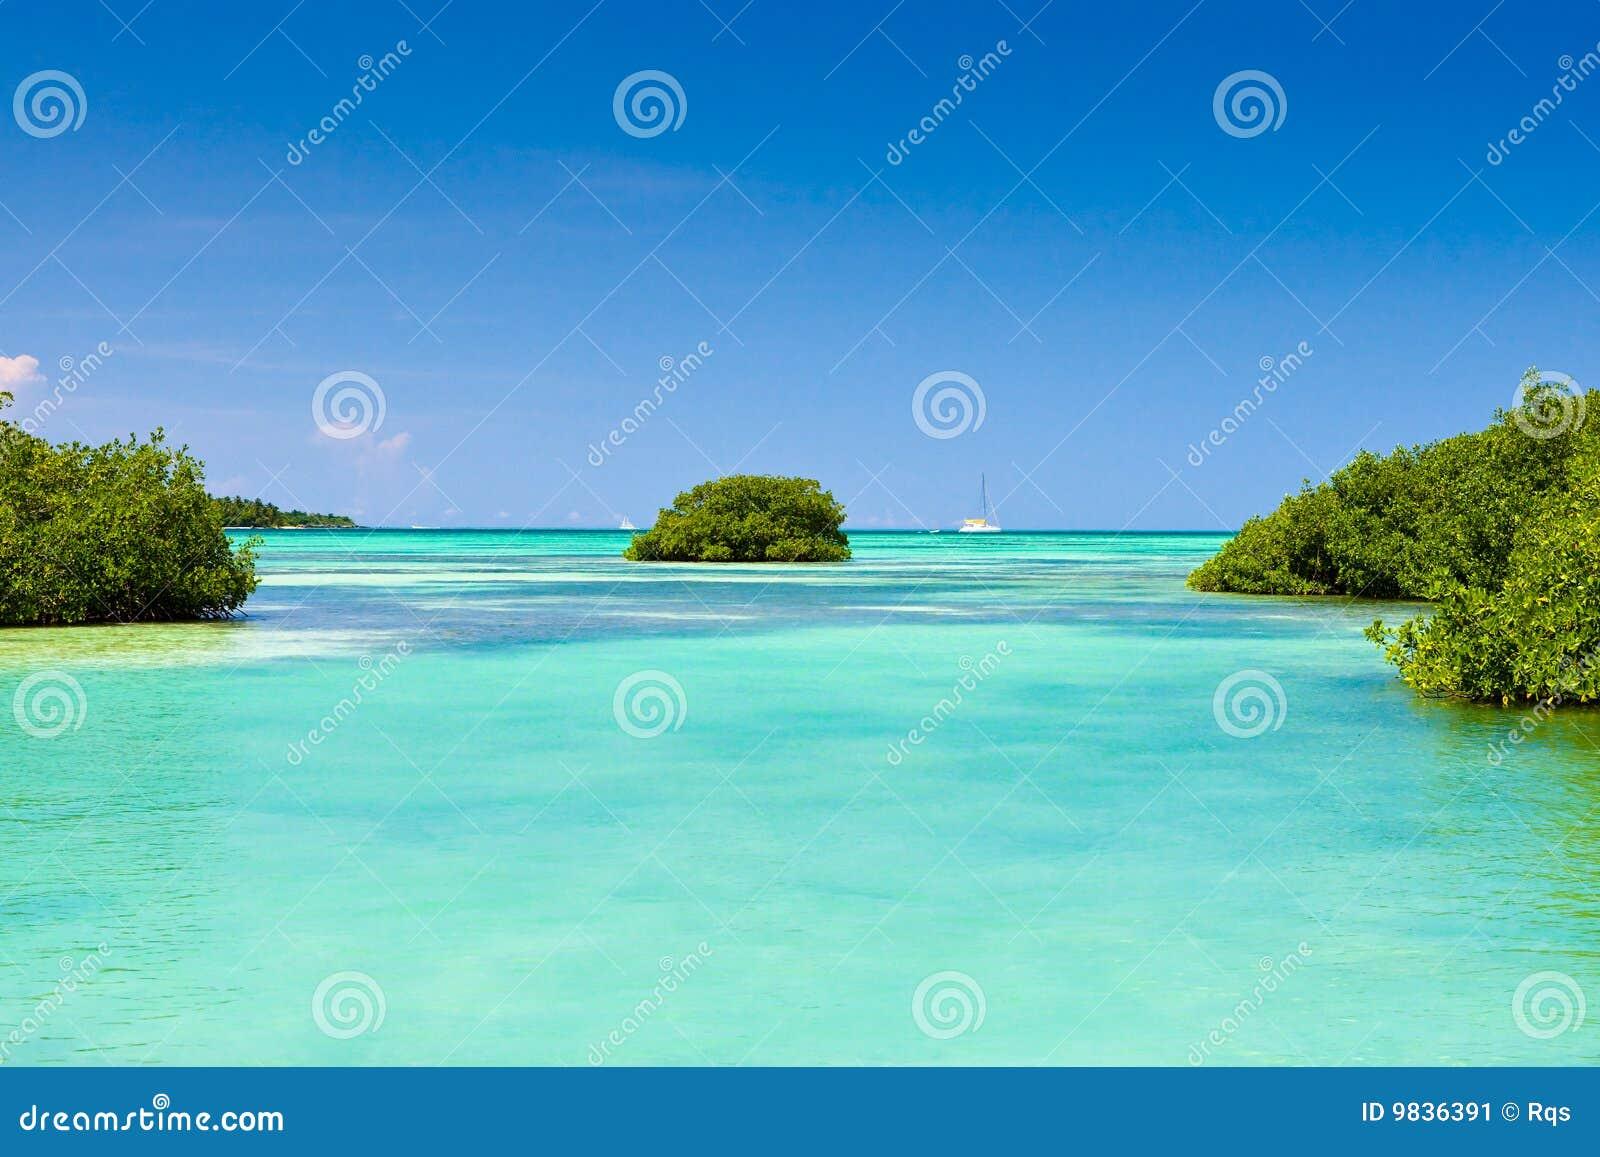 海滩蓝色海洋沙子天空白色.图片